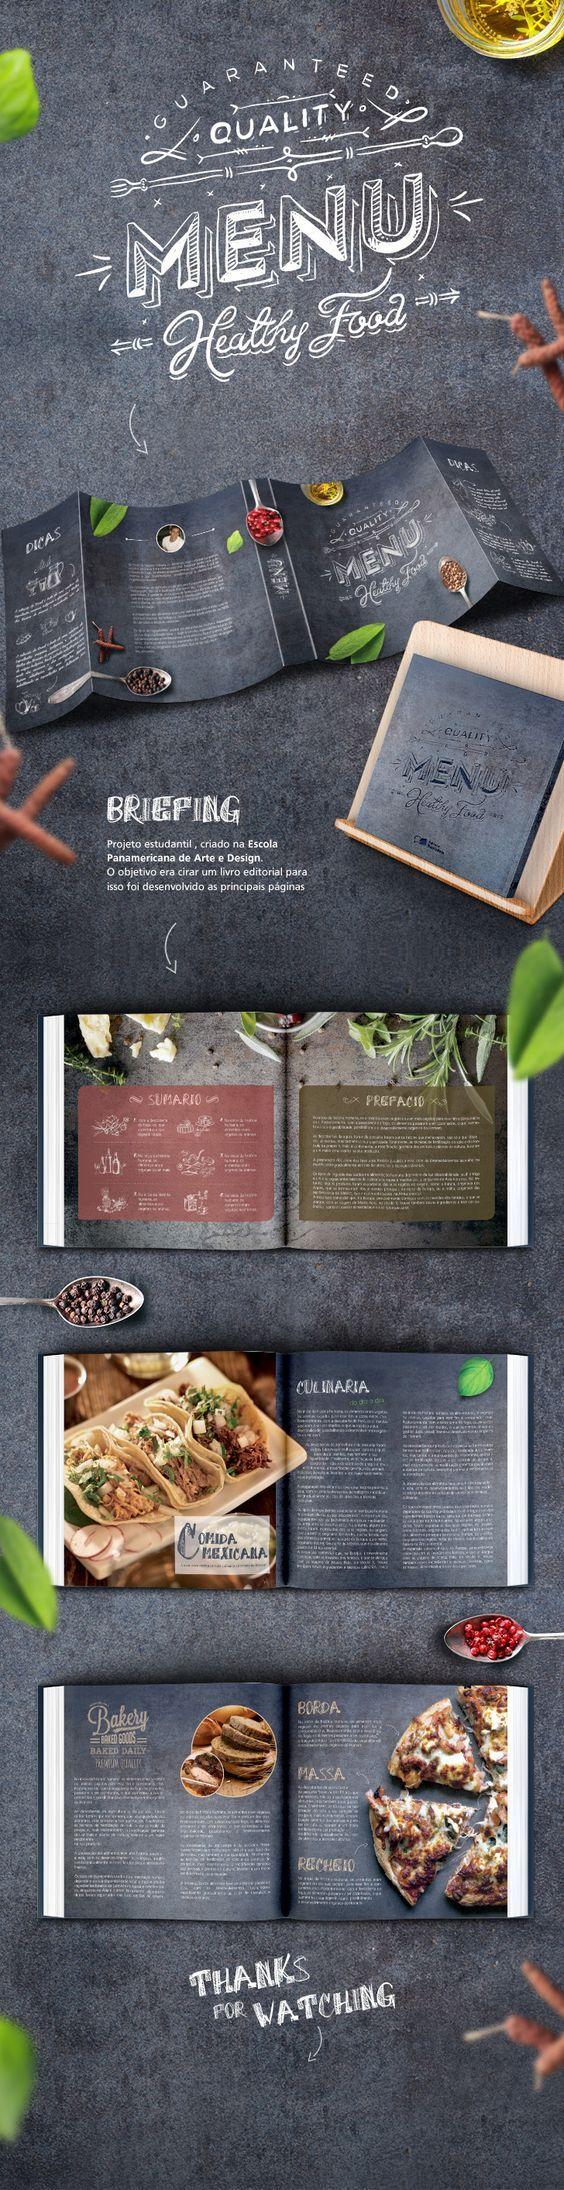 https://www.behance.net/gallery/20777487/Menu-Book-Gastronomy: